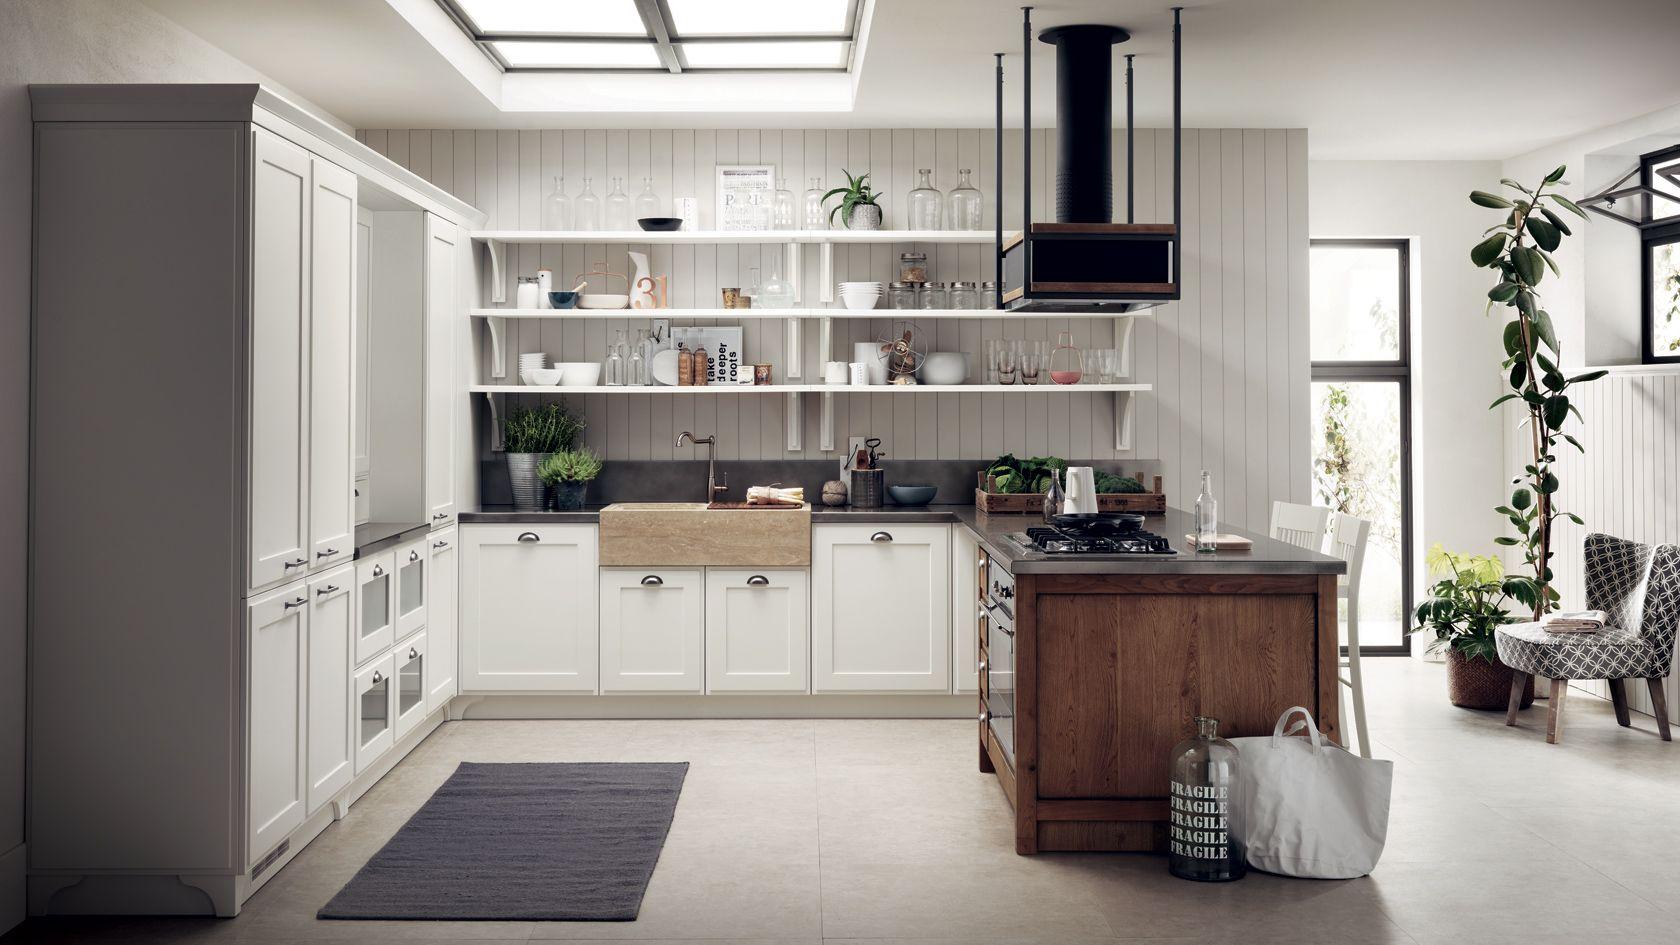 U-förmige küchendesigns favilla  cucine shabby chic  pinterest  einrichten und wohnen und